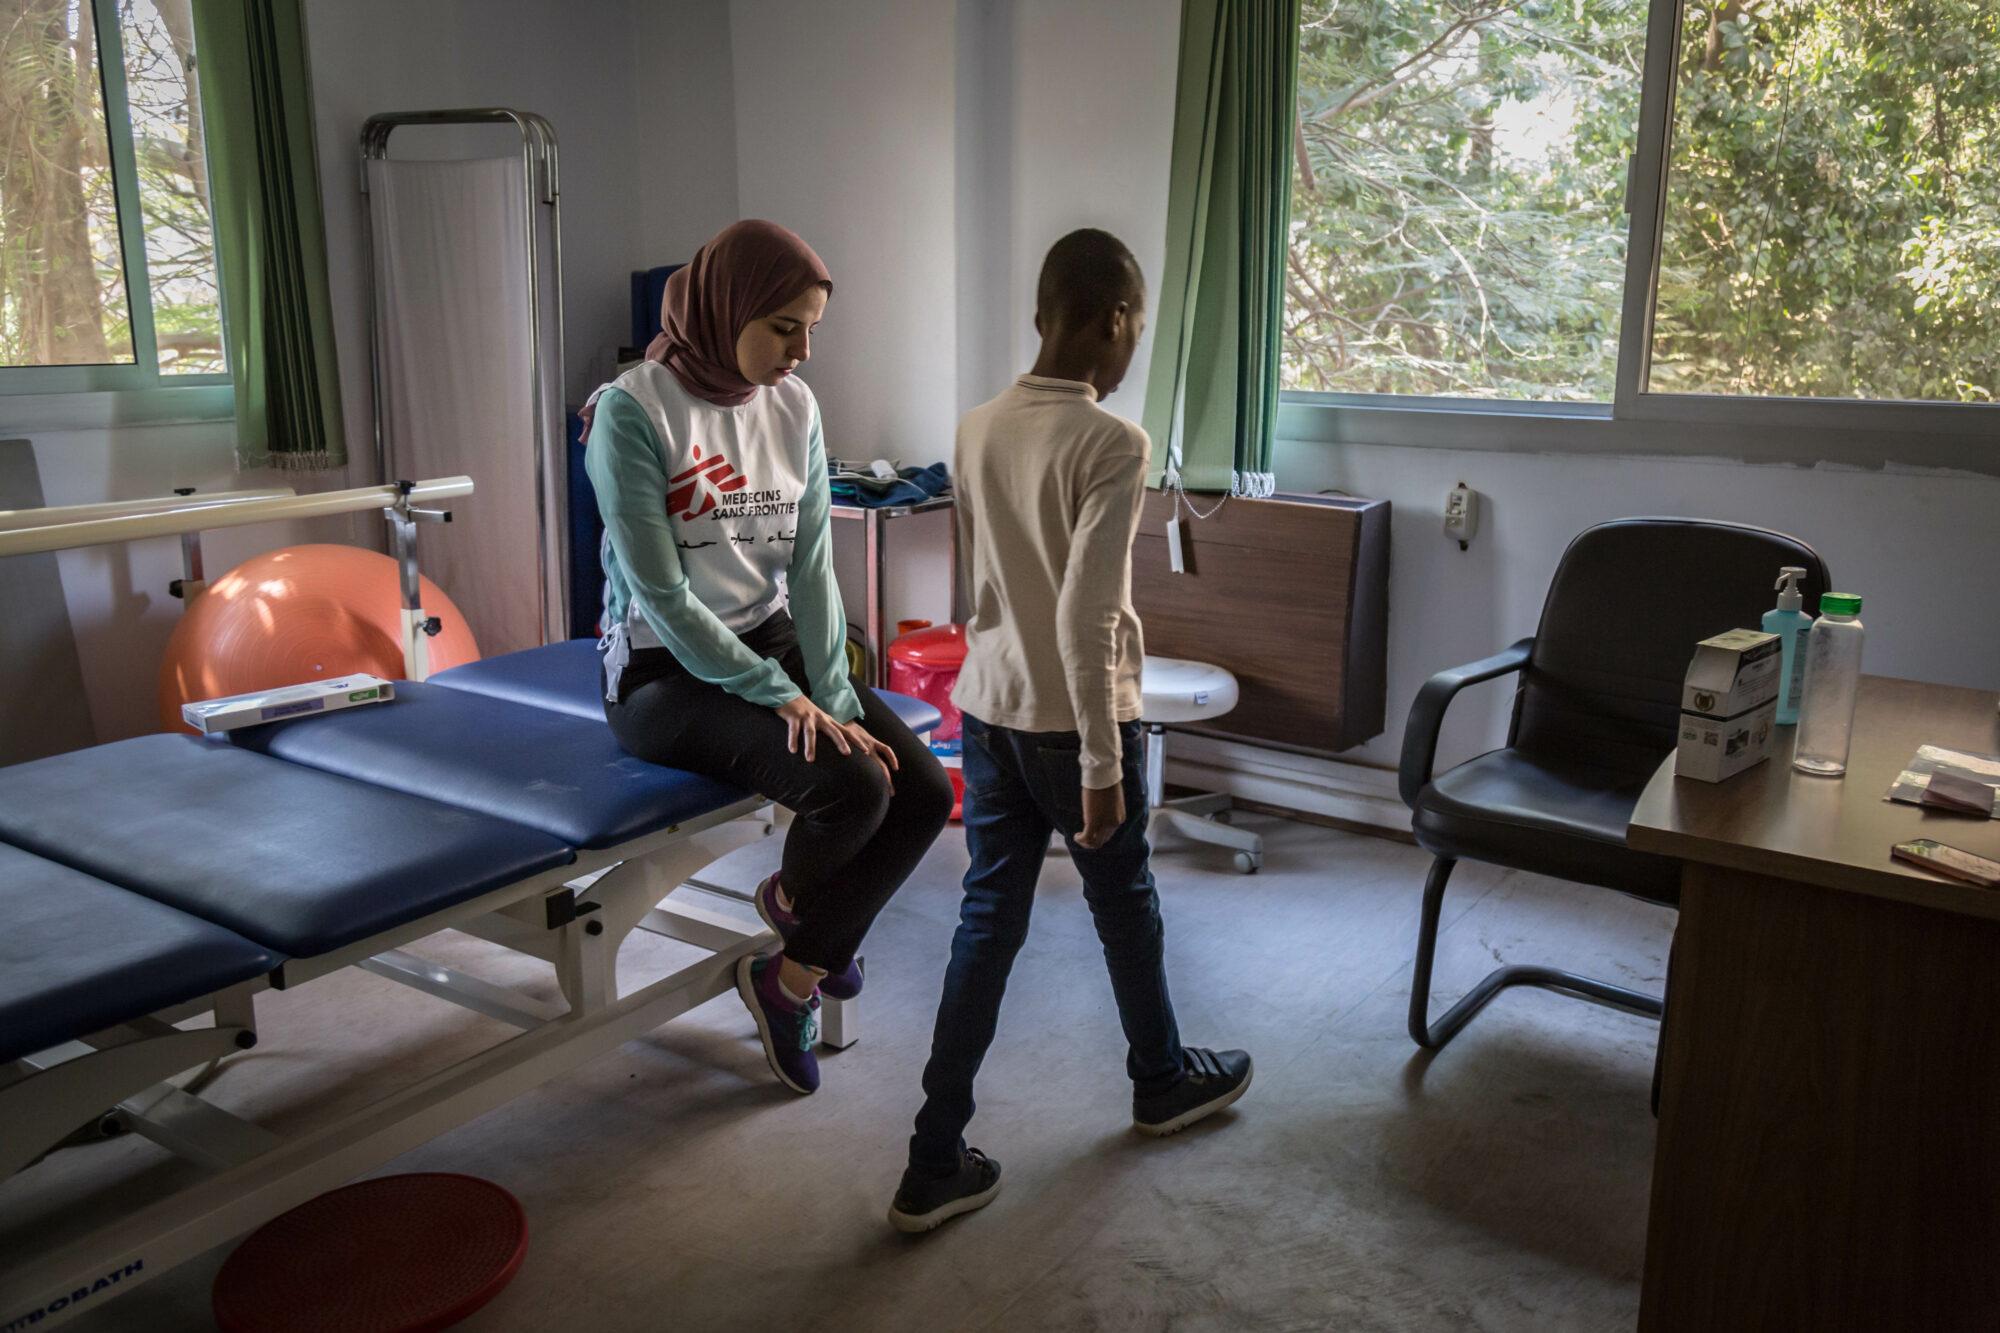 Fysioterapeutti seuraa pojan kävelyä vastaanotolla.